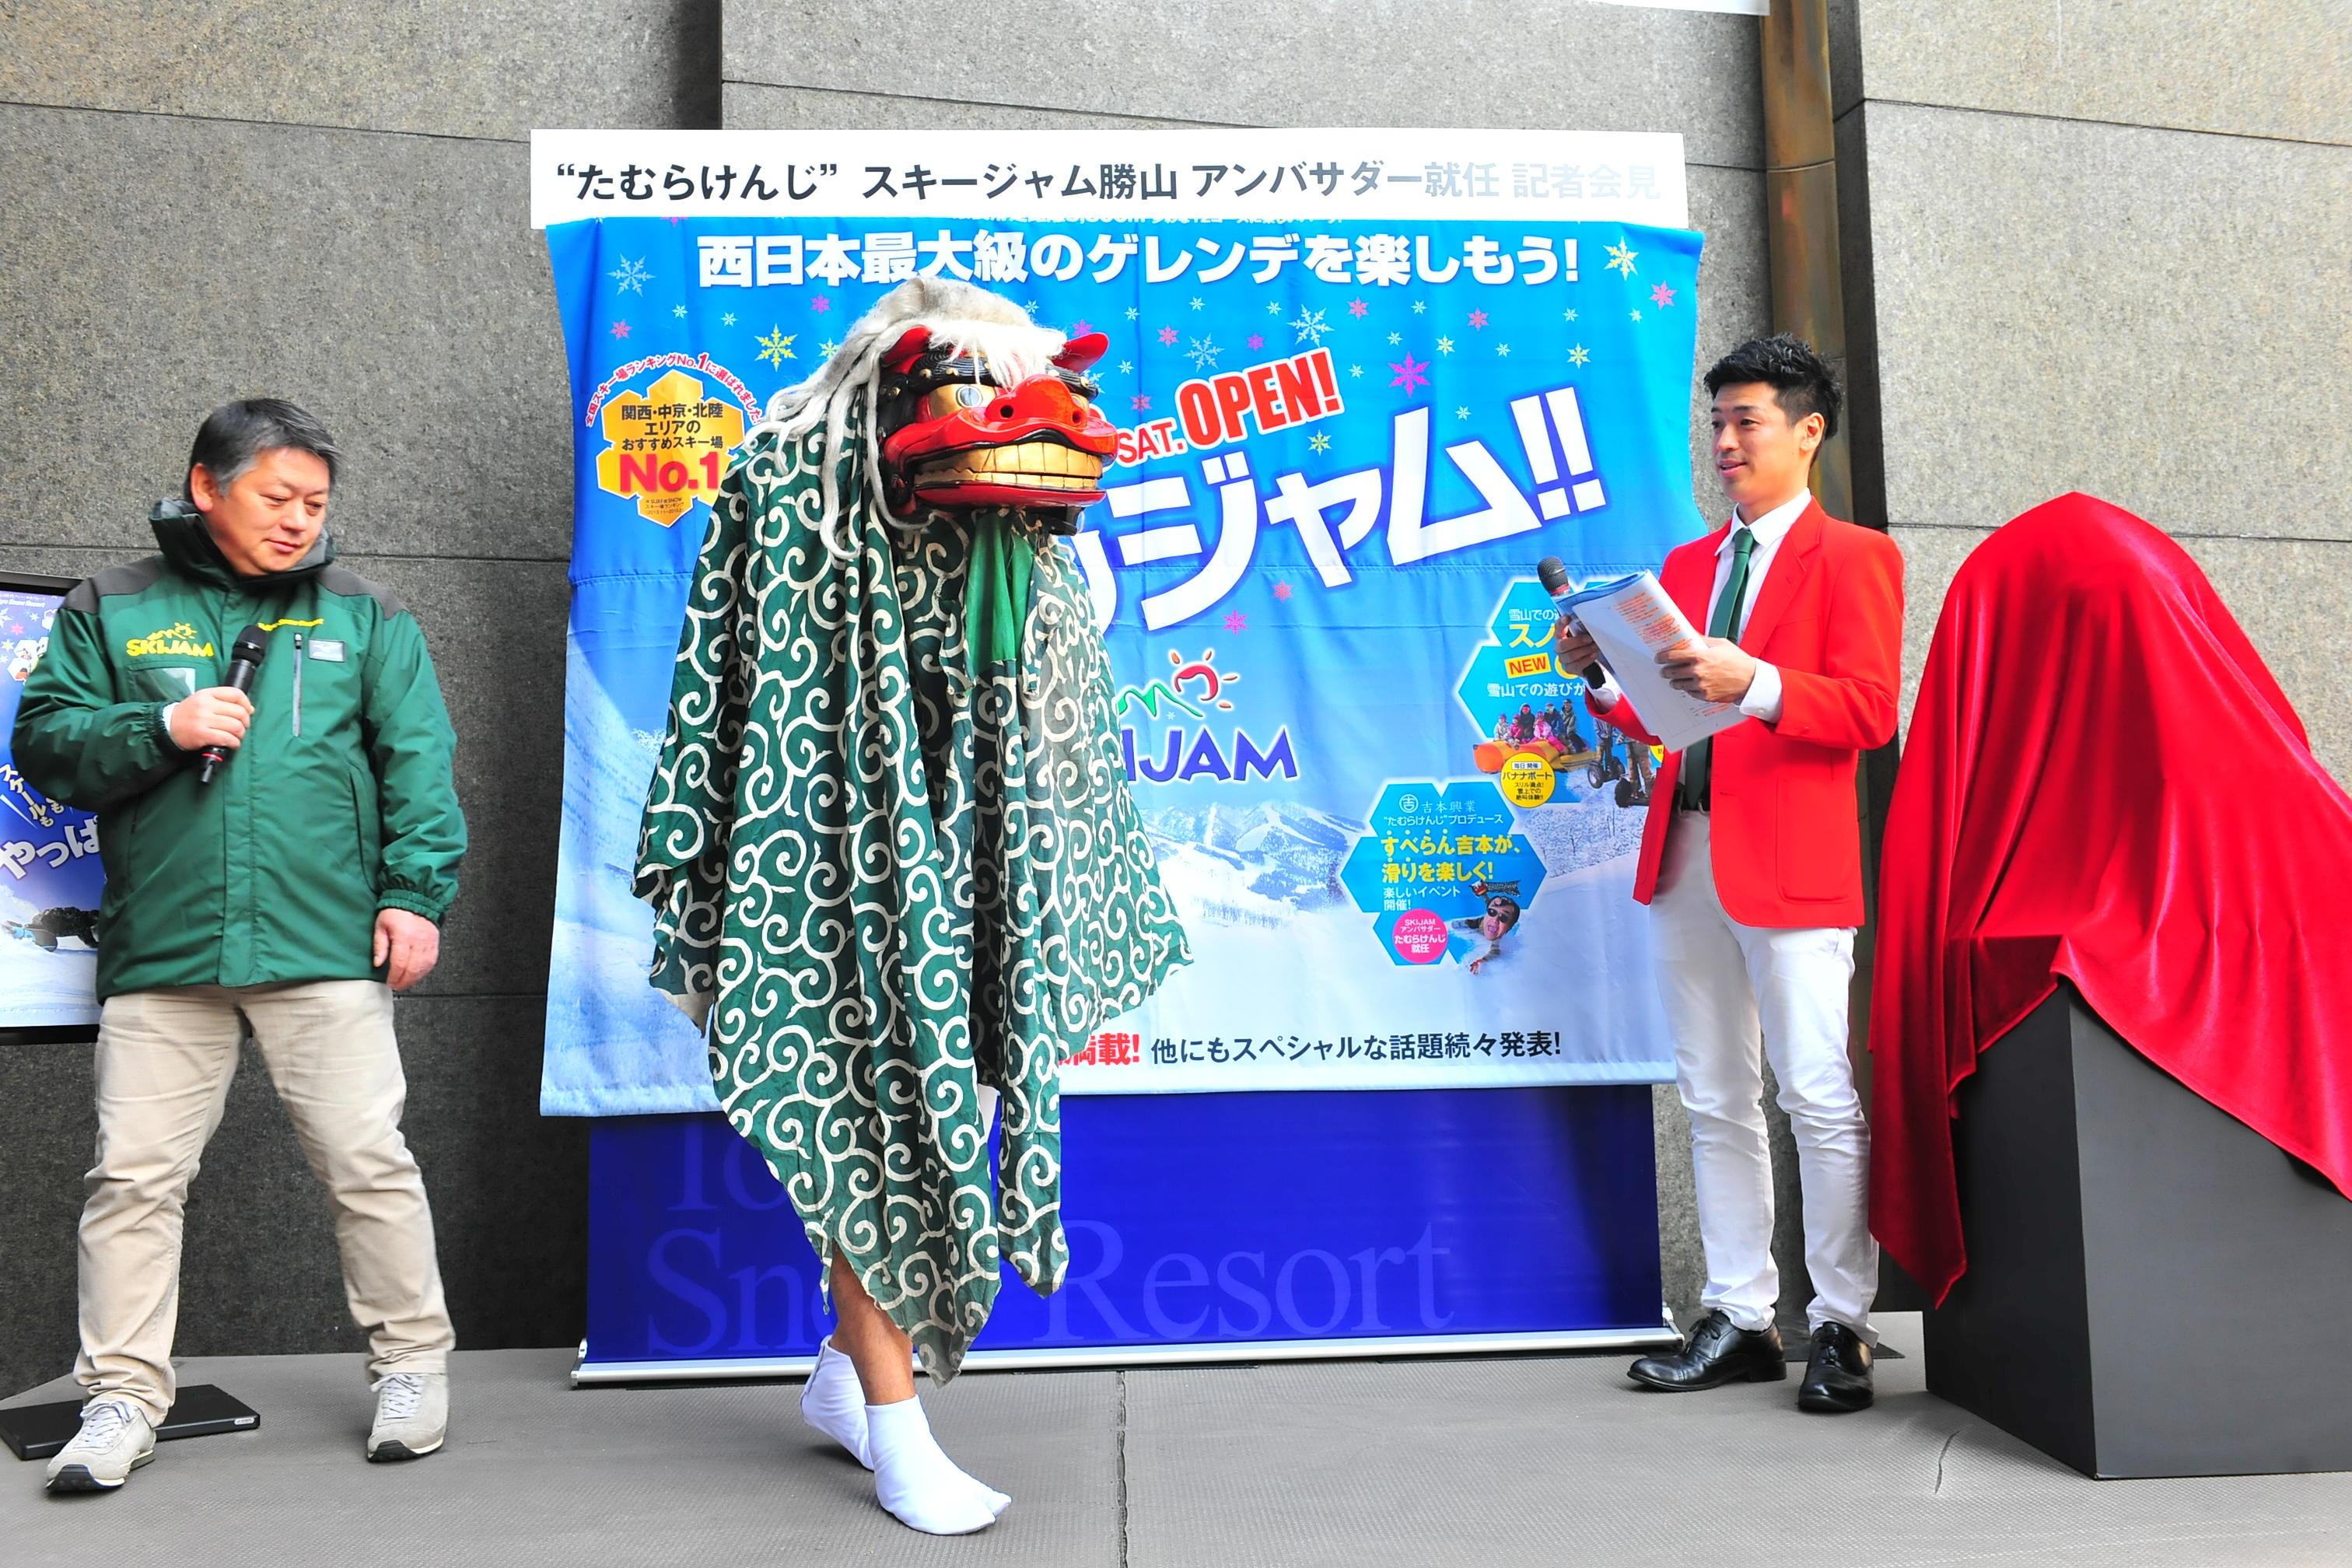 http://news.yoshimoto.co.jp/20151130193137-40d5aebccbfa0fbb19882f4914f03c577b537bcd.jpg